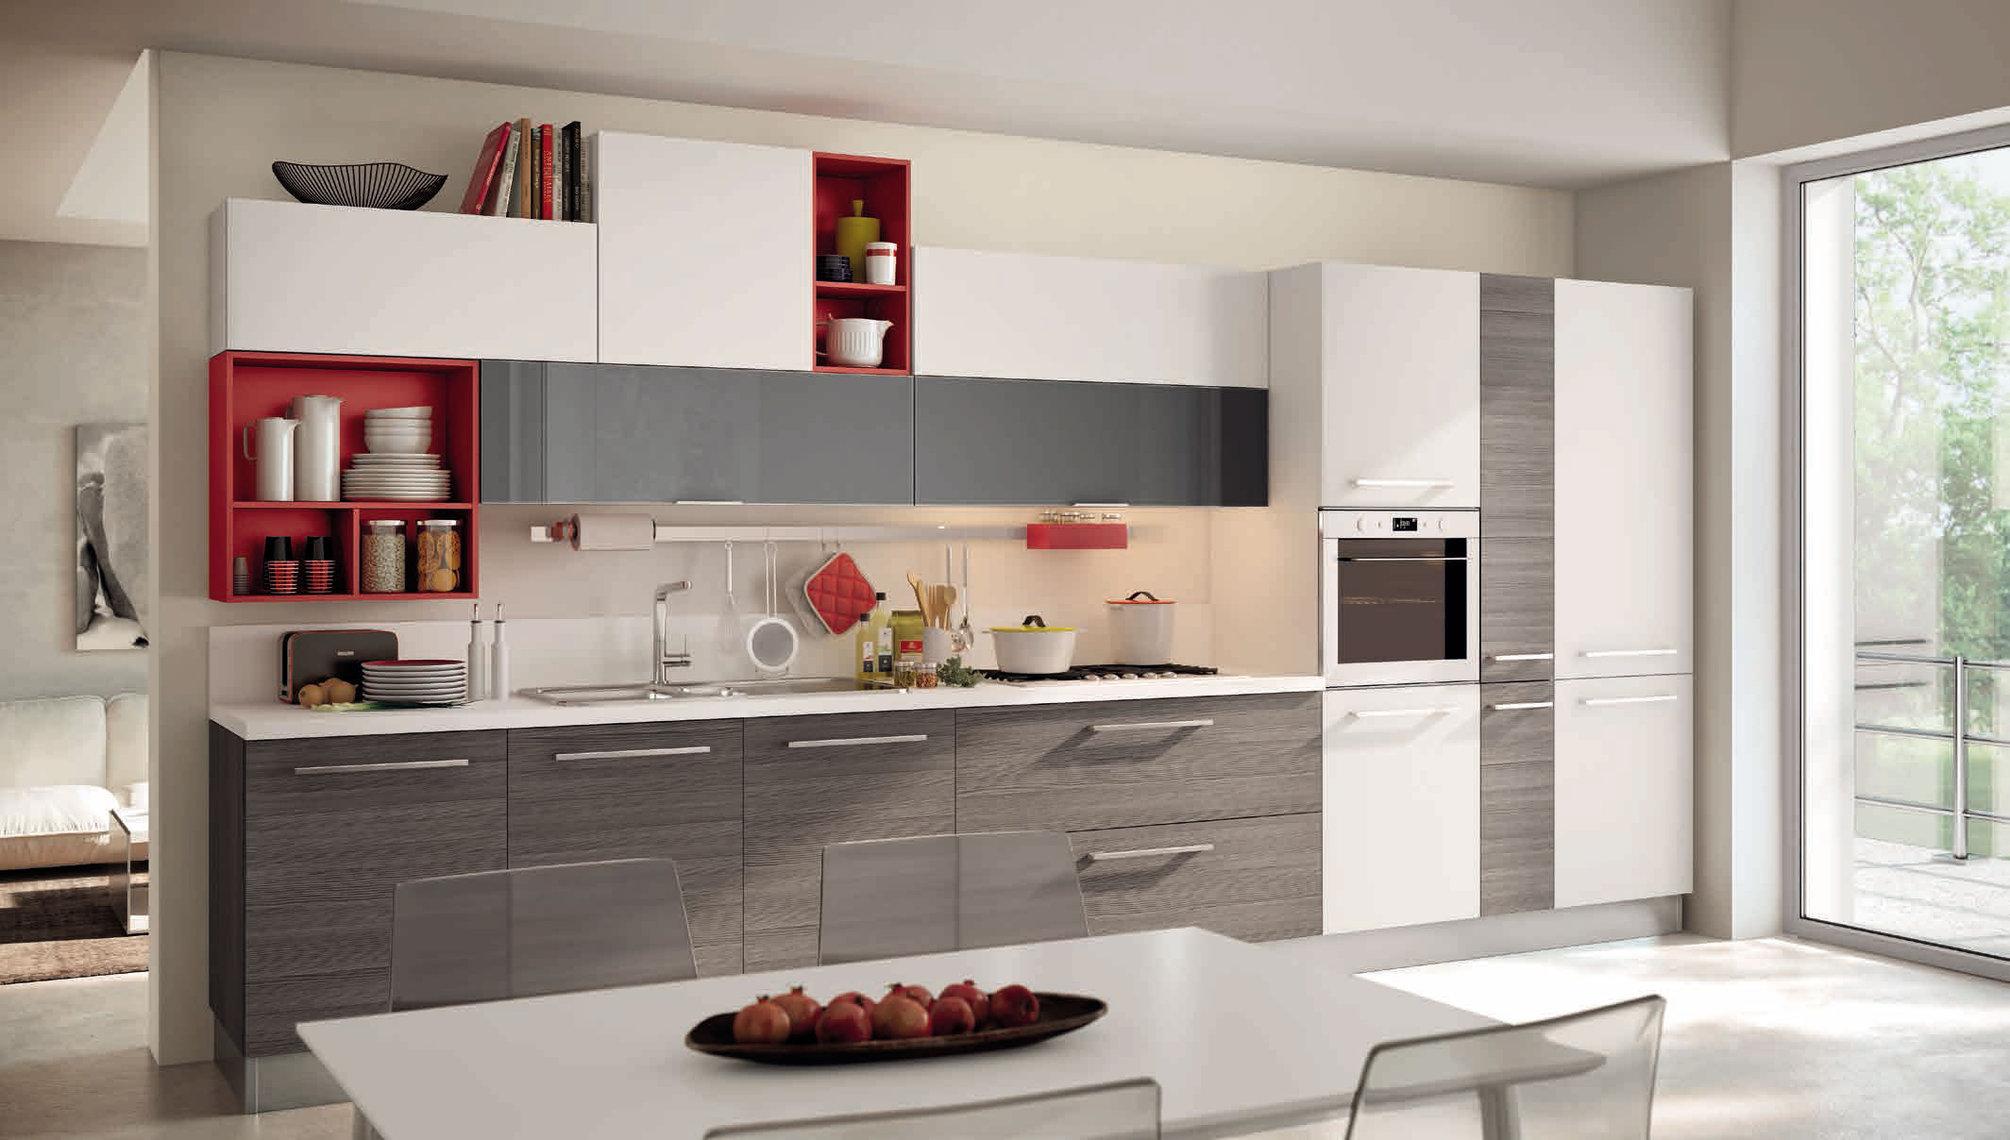 какие кухонные гарнитуры сейчас в моде фото чего хорошие